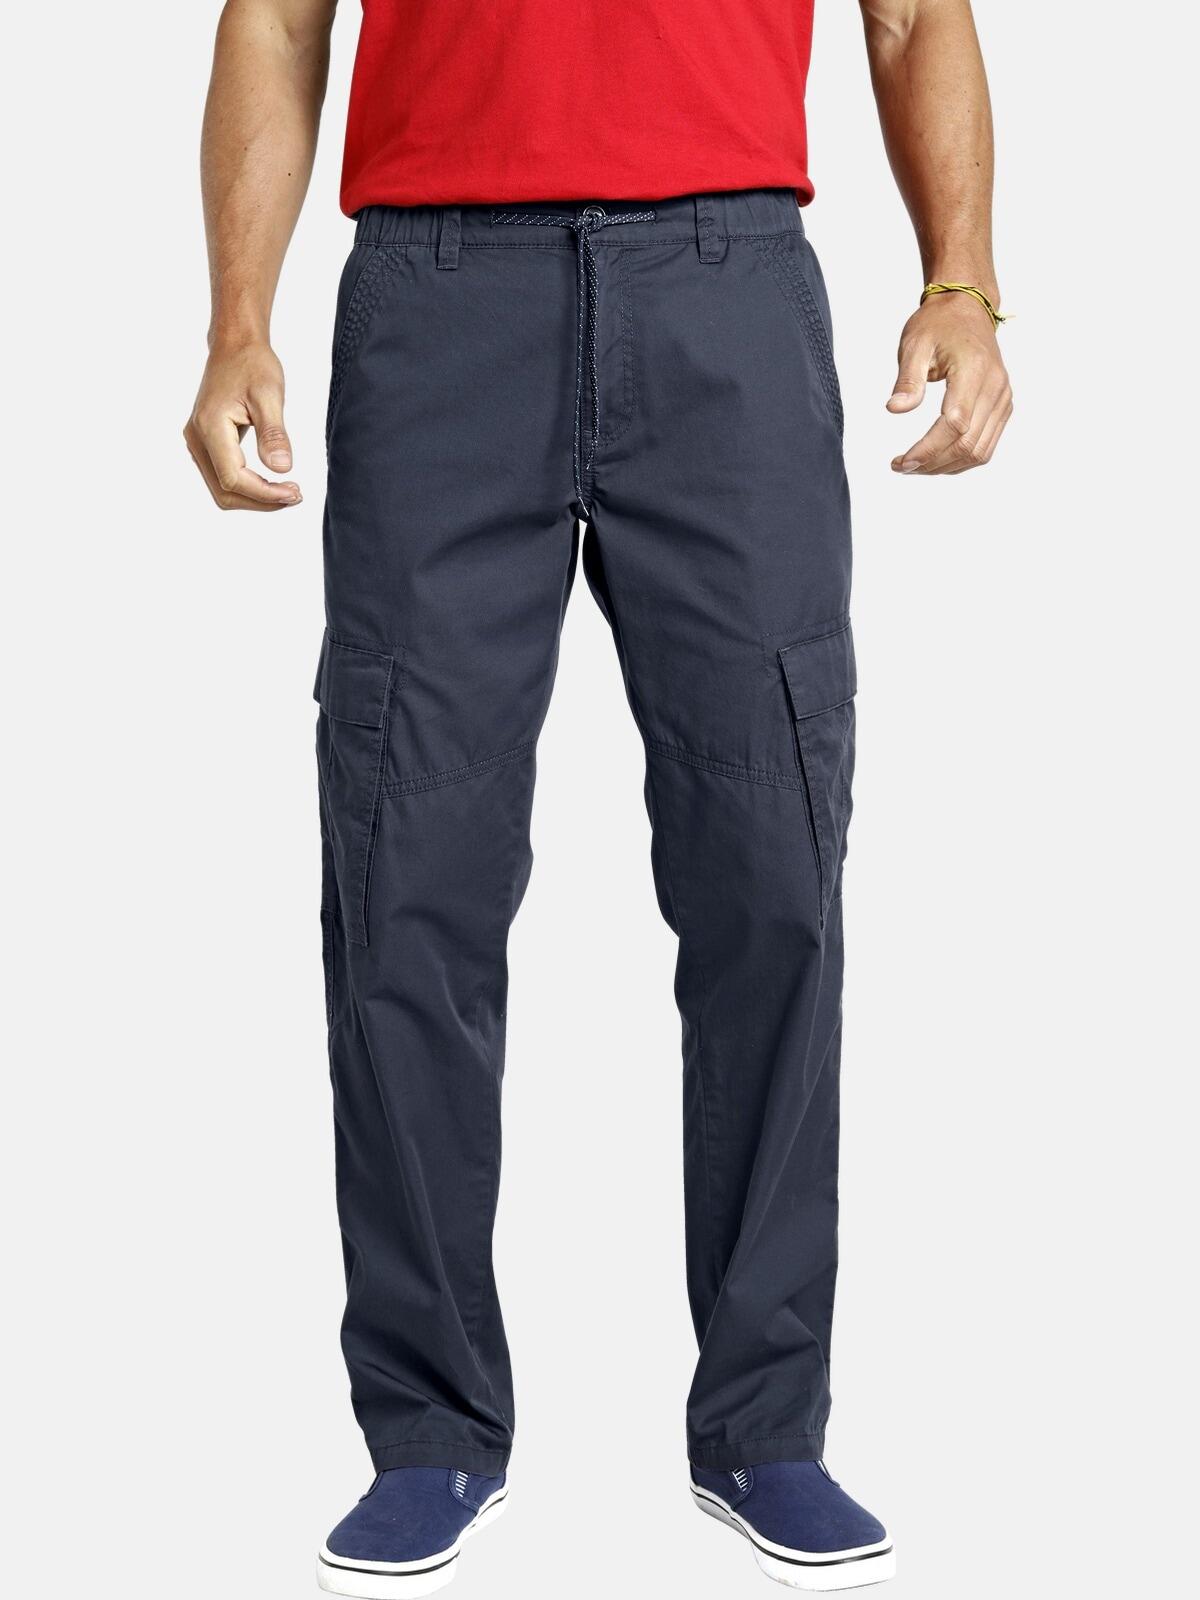 jan vanderstorm -  Cargohose THORVALD, Raffbund für extra Komfort